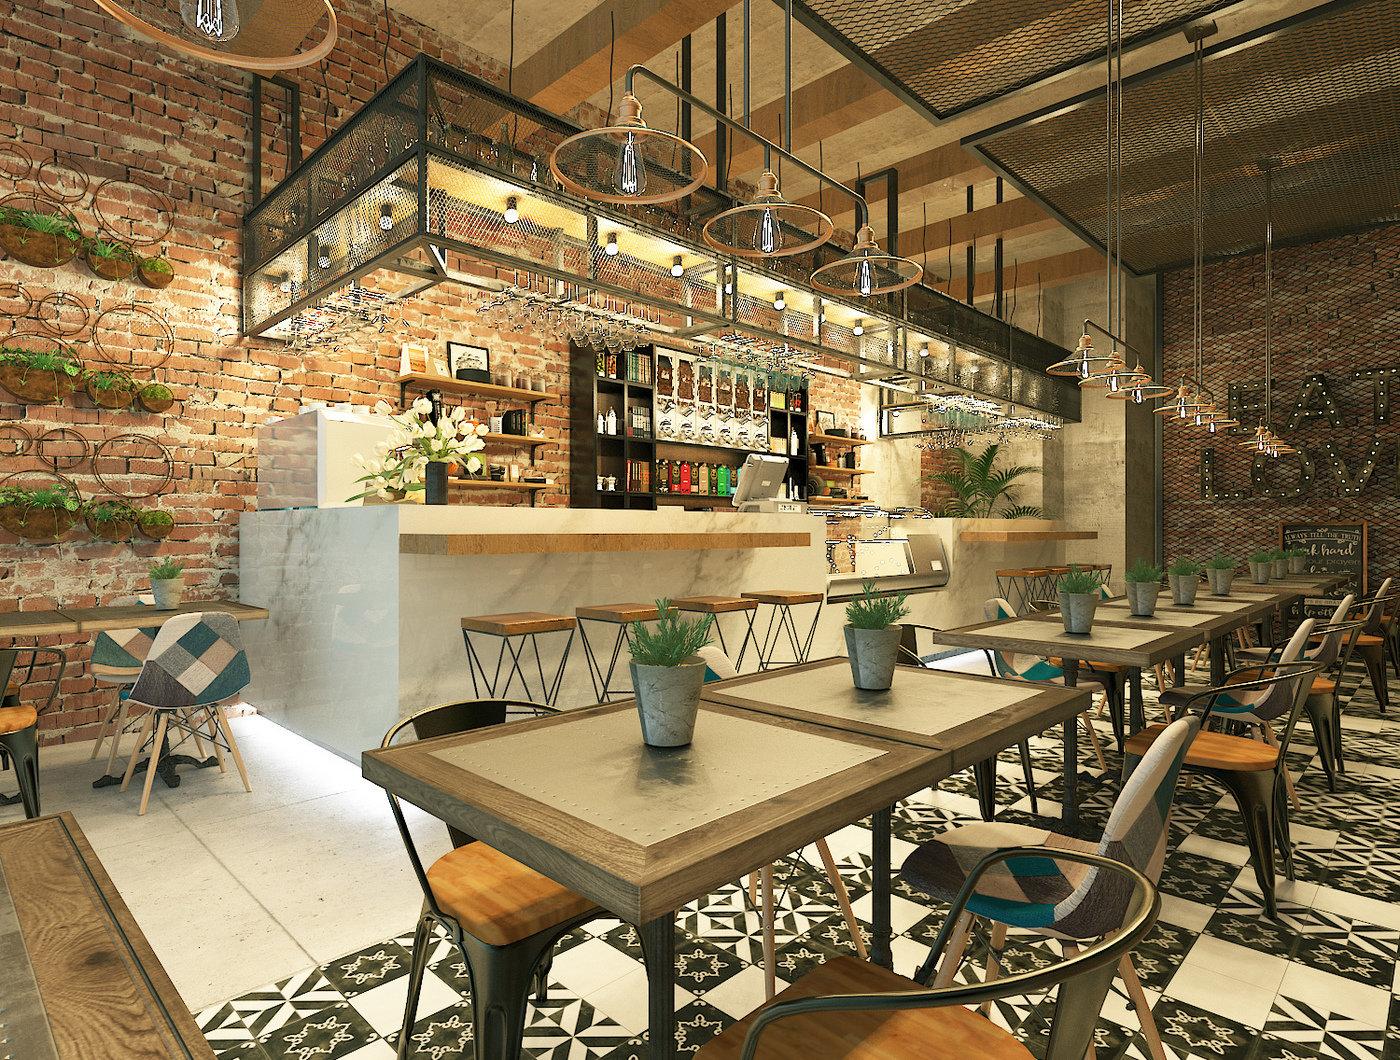 simple cafe design by Chrismas Ardianto at Coroflot.com